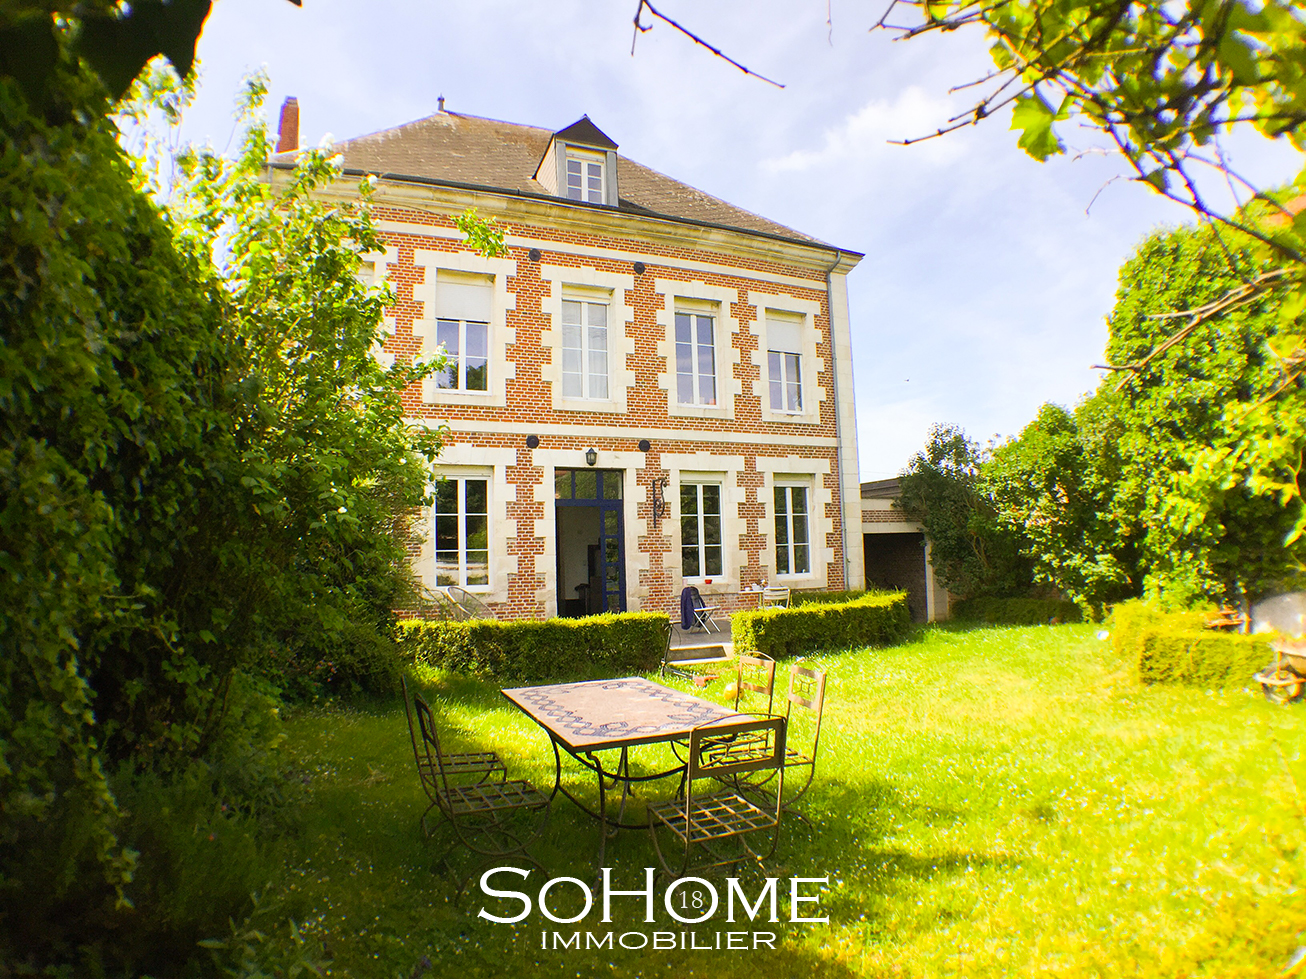 SoHomeImmobilier-FAMILIALE-maison-11.jpg